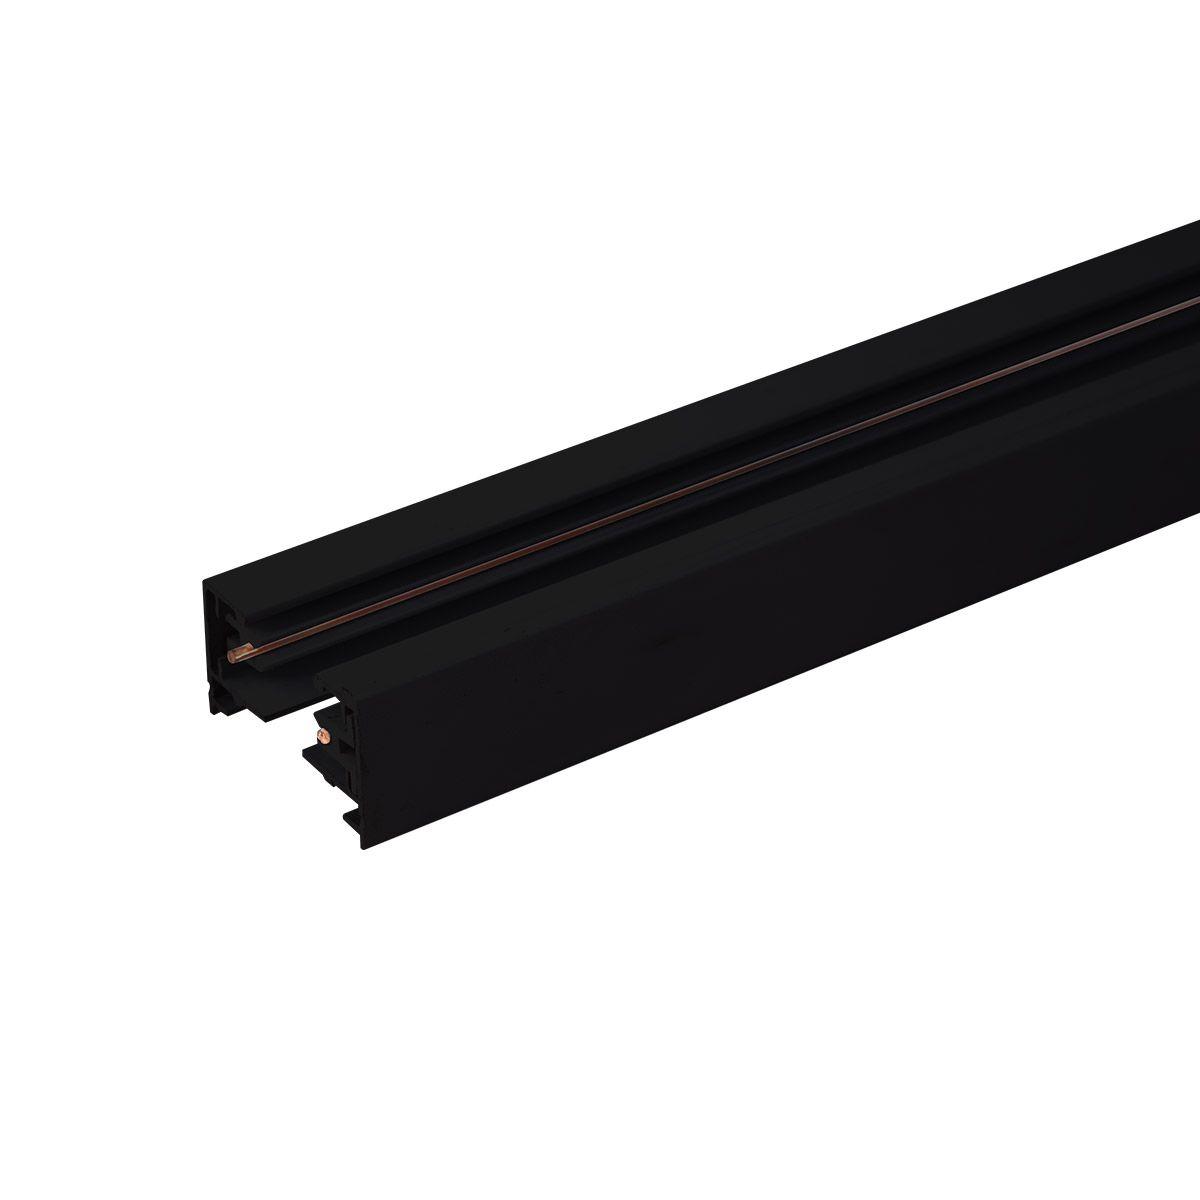 Однофазный шинопровод  2 метра черный (с вводом питания и заглушкой) TRL-1-1-200-BK